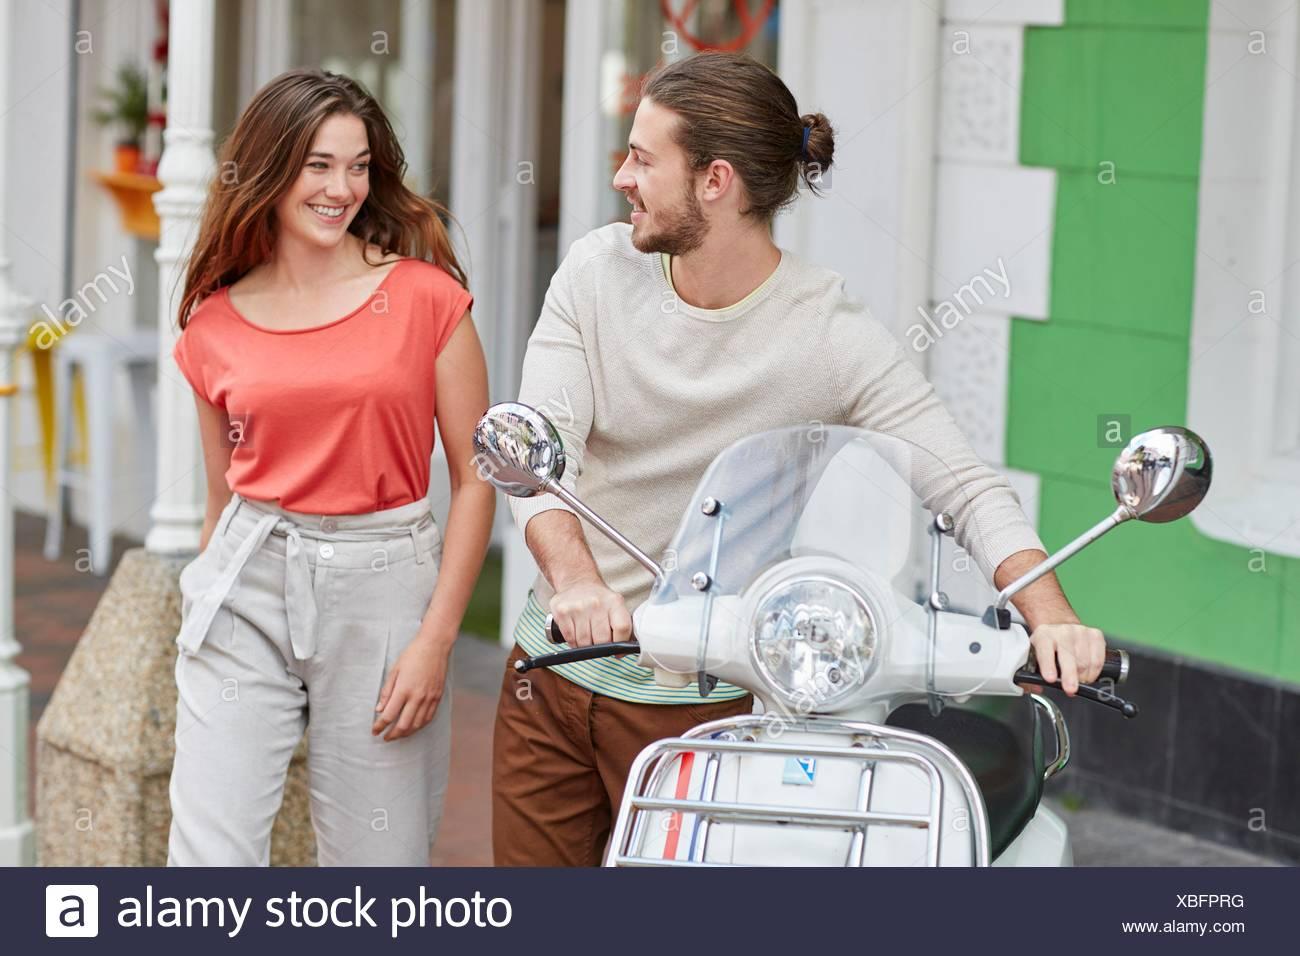 -MODELL VERÖFFENTLICHT. Junges Paar vor Café, moped Mann hält. Stockbild